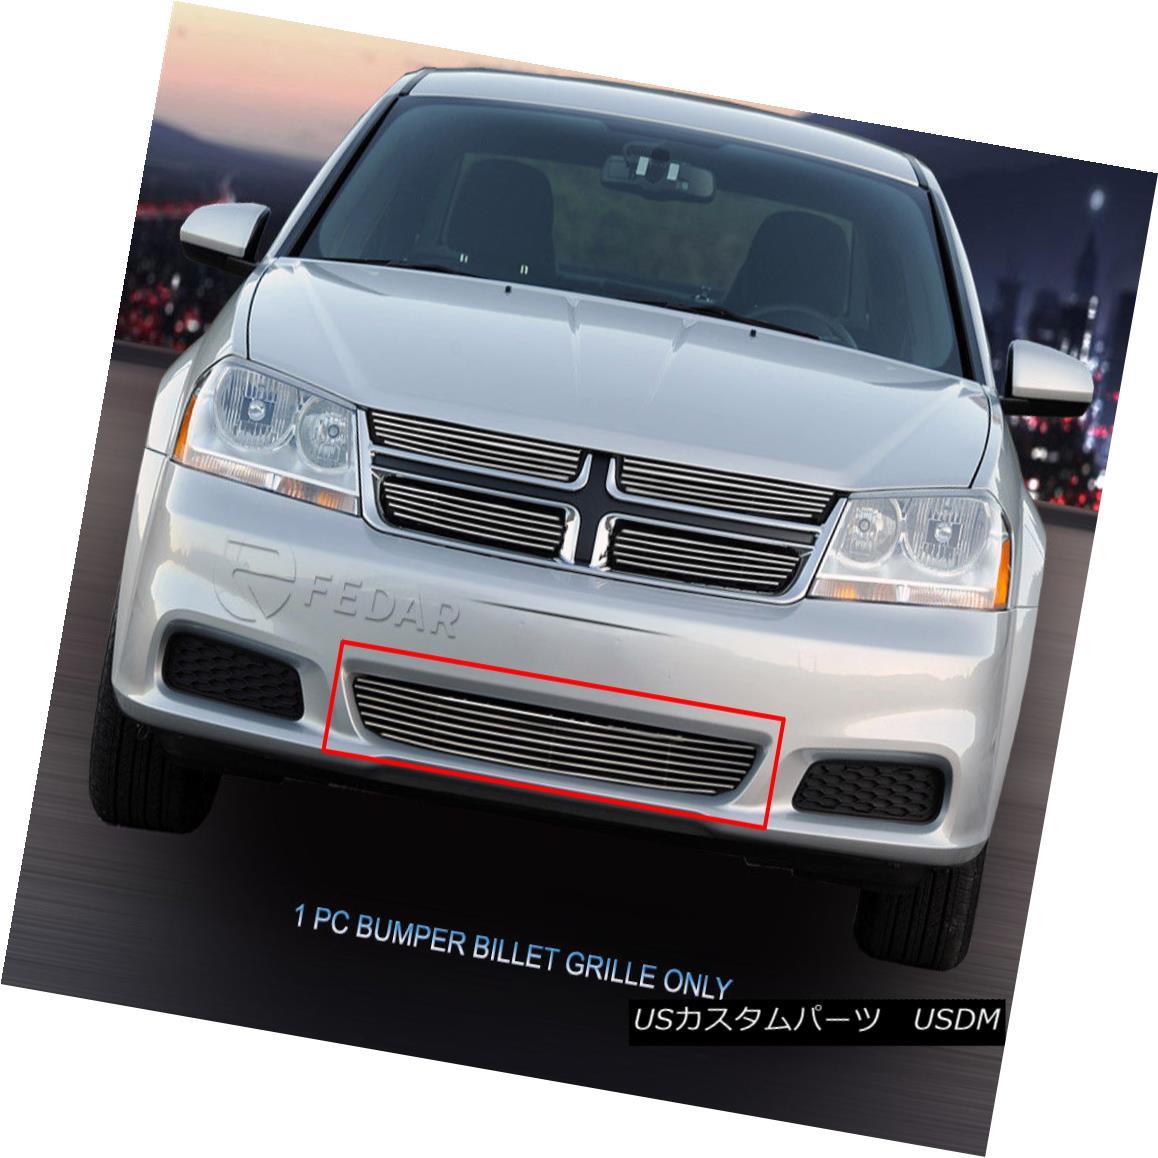 グリル Fedar Fits 2011-2014 Dodge Avenger Polished Billet Grille Insert Fedarは2011-2014 Dodge Avenger Polished Billet Grilleインサートを適合